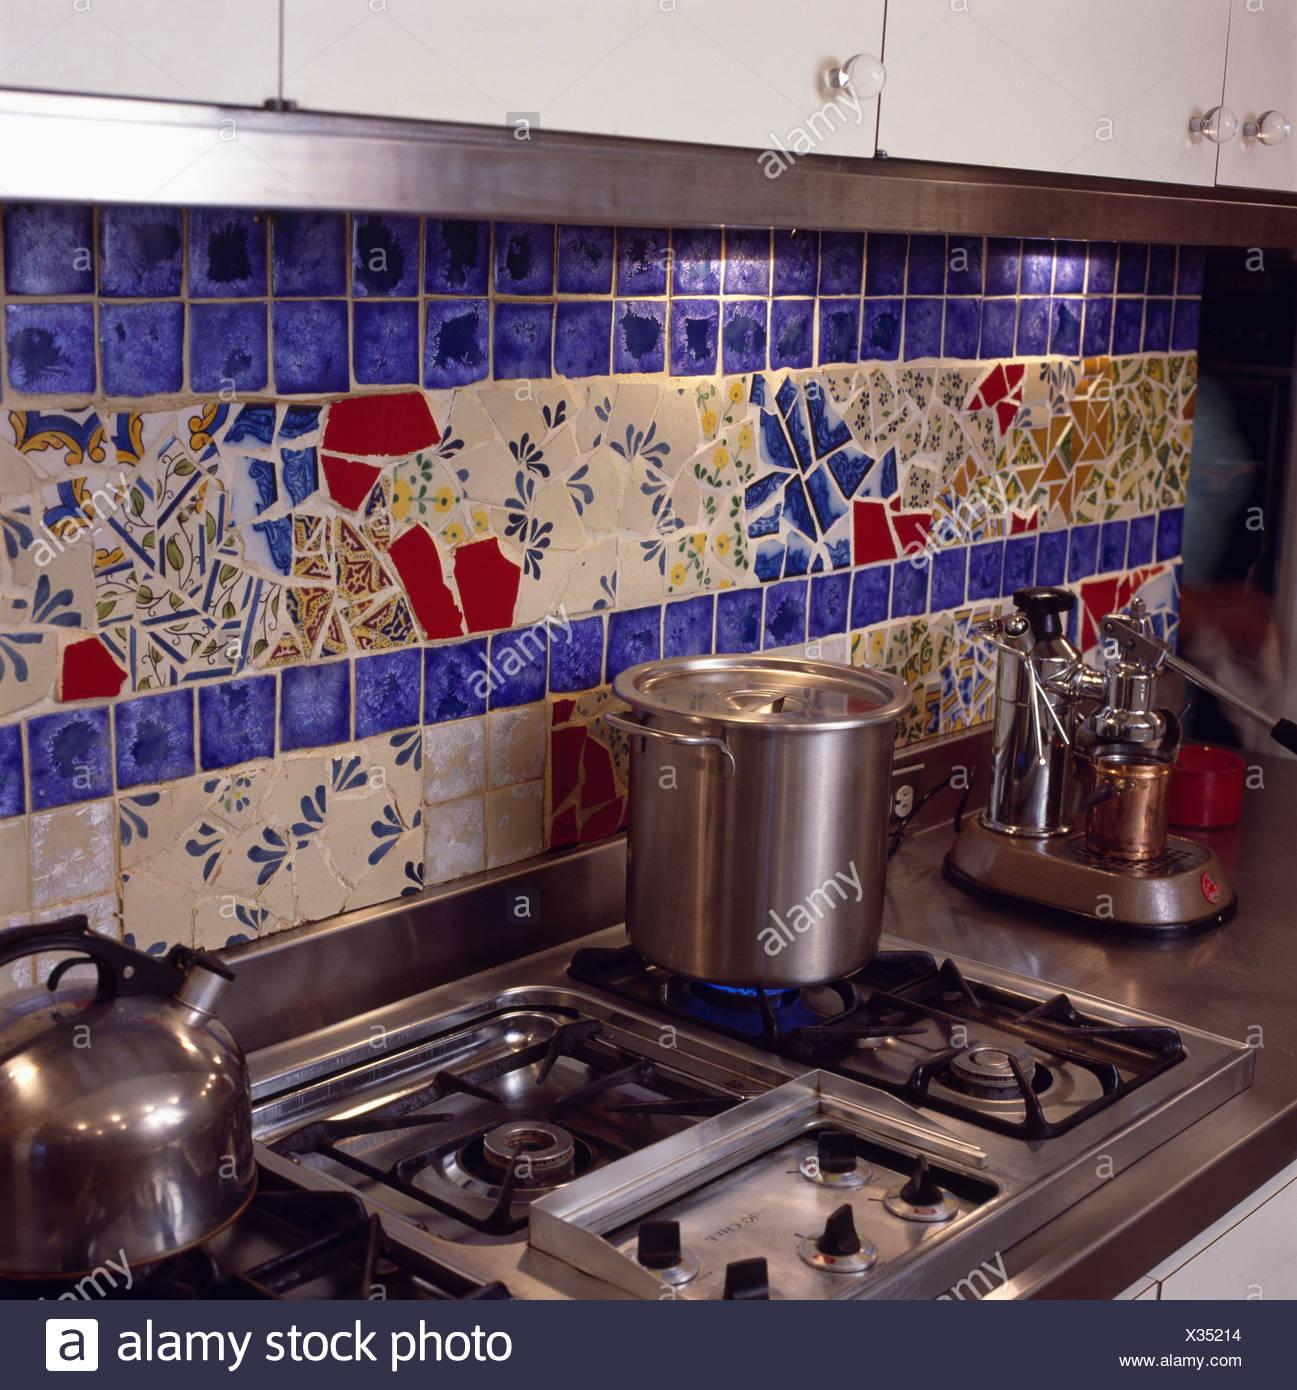 Nahaufnahme Eines Blauen Kacheln Mit Mosaikfliesen Oben